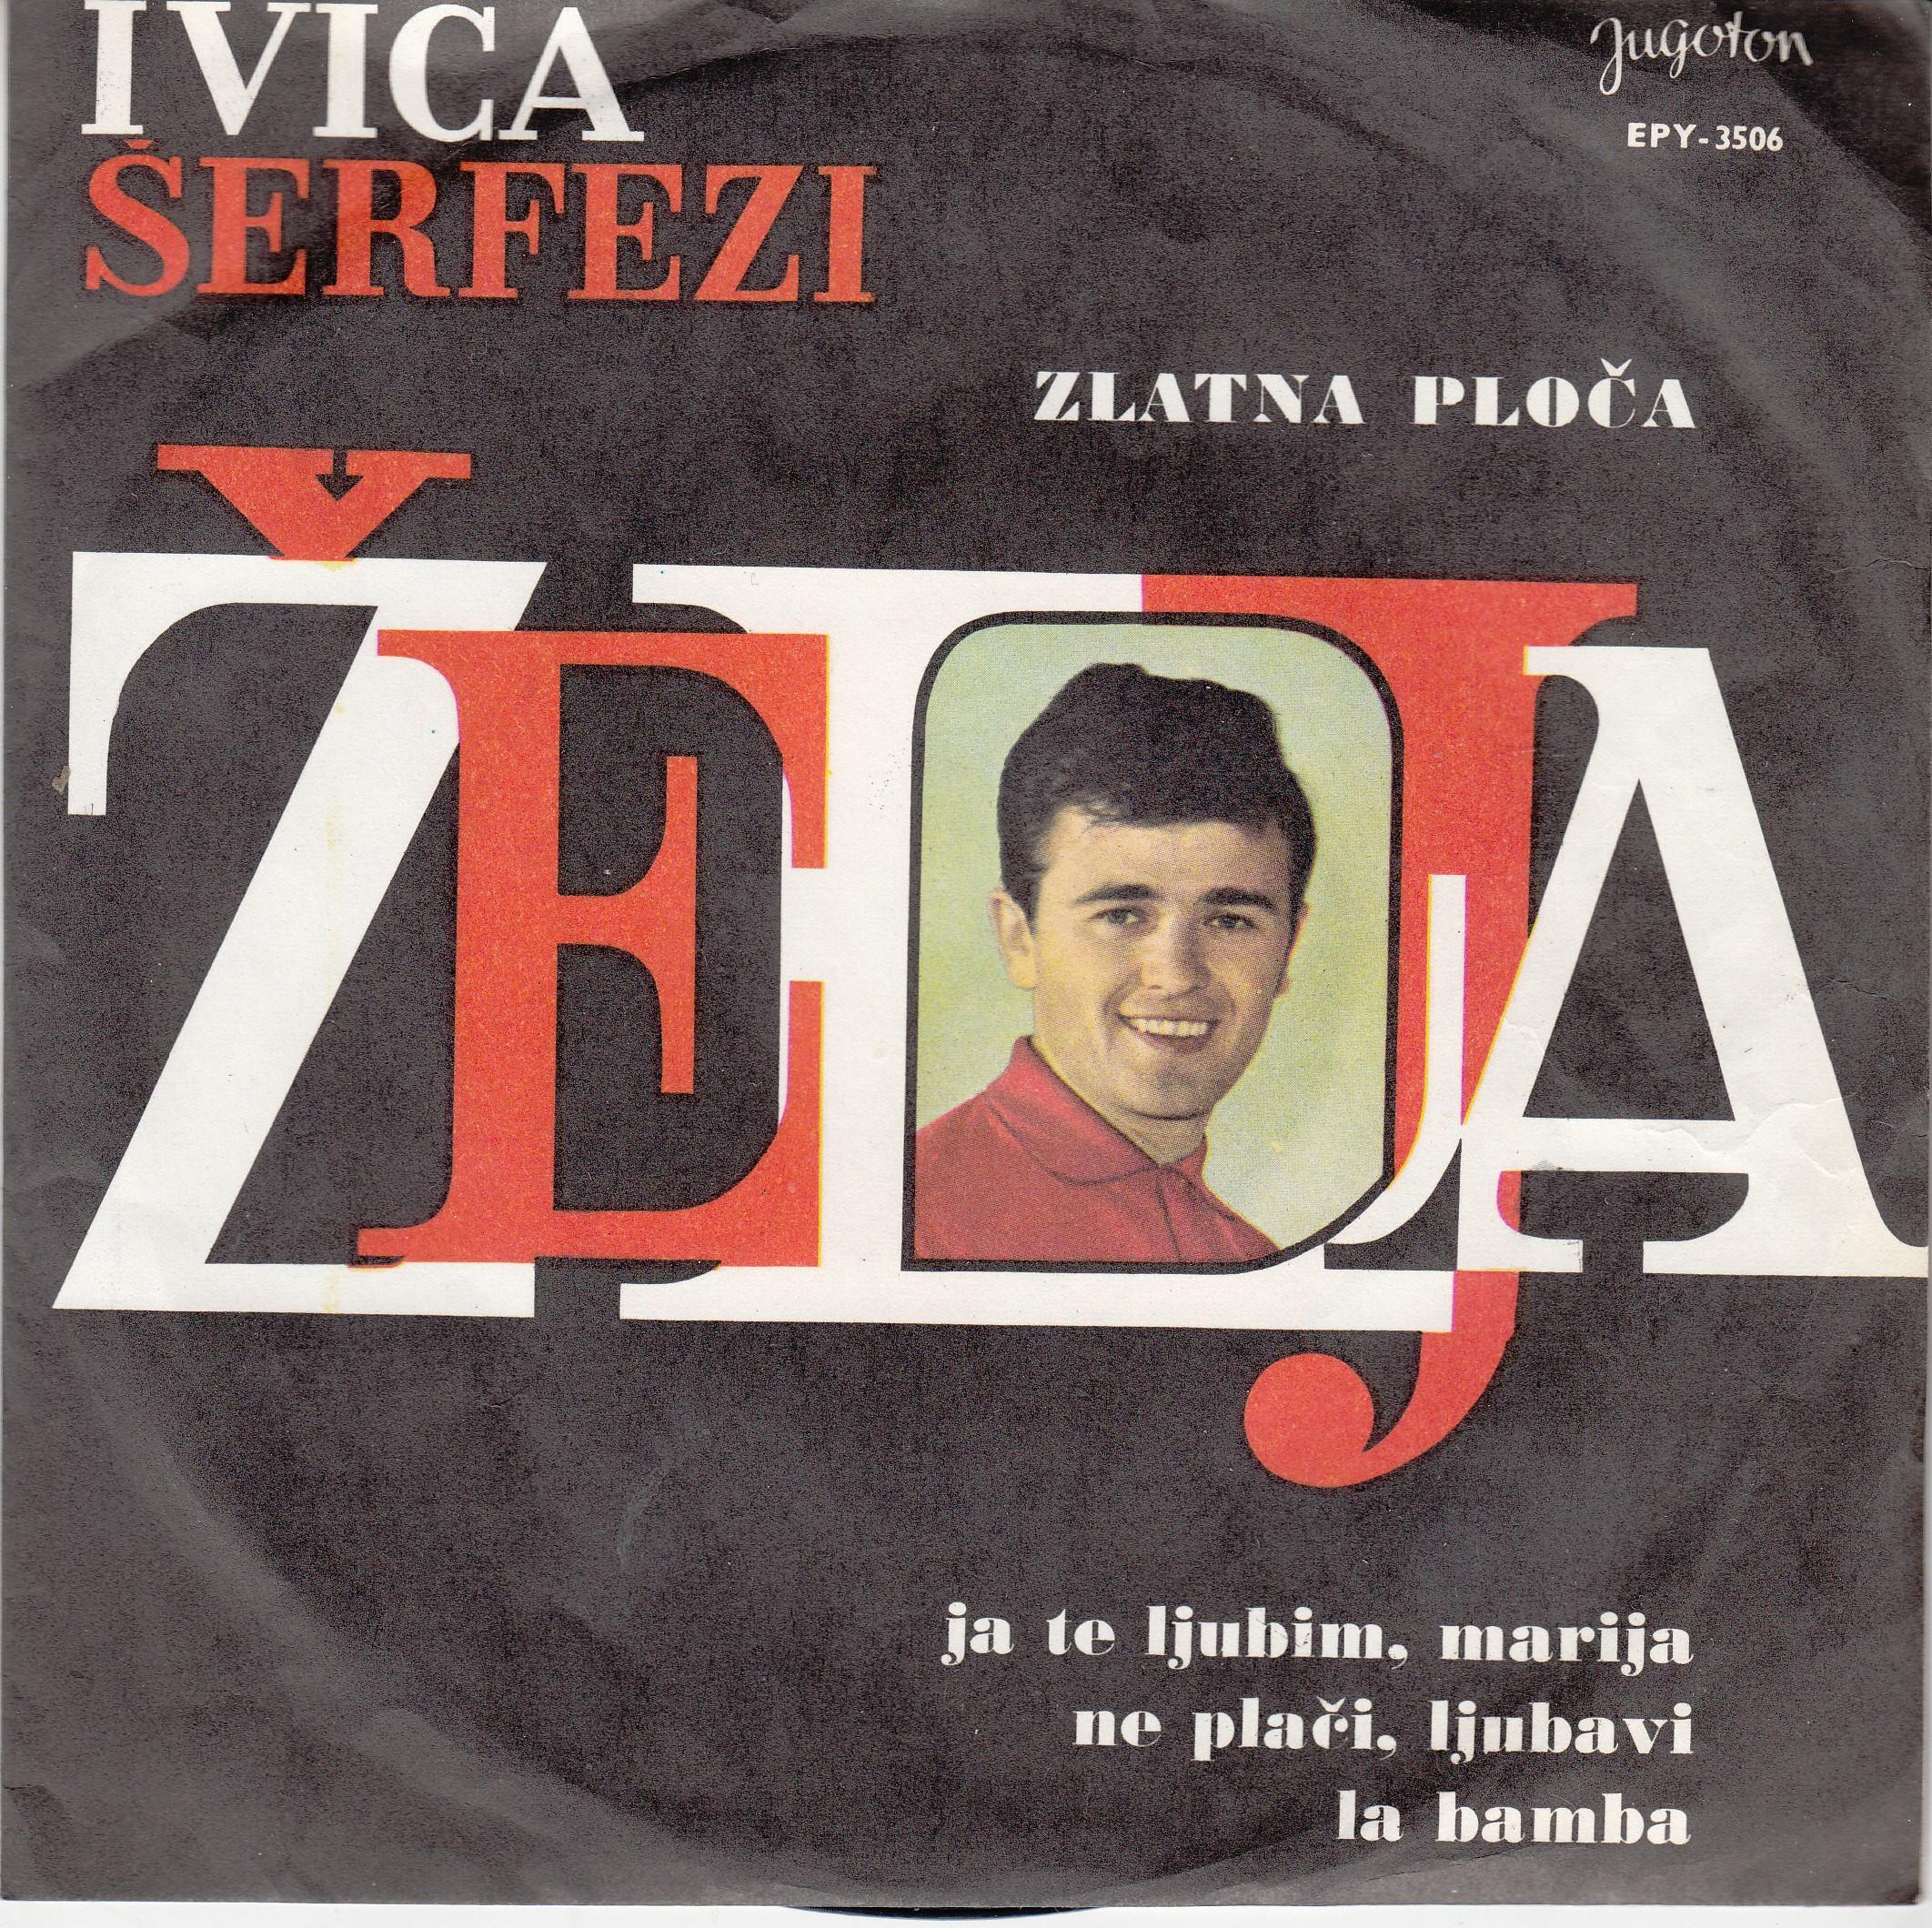 Serfezi Ivica - Zelja/ja Te Ljubim Marija/ne Placi Ljubavi/la Bamba